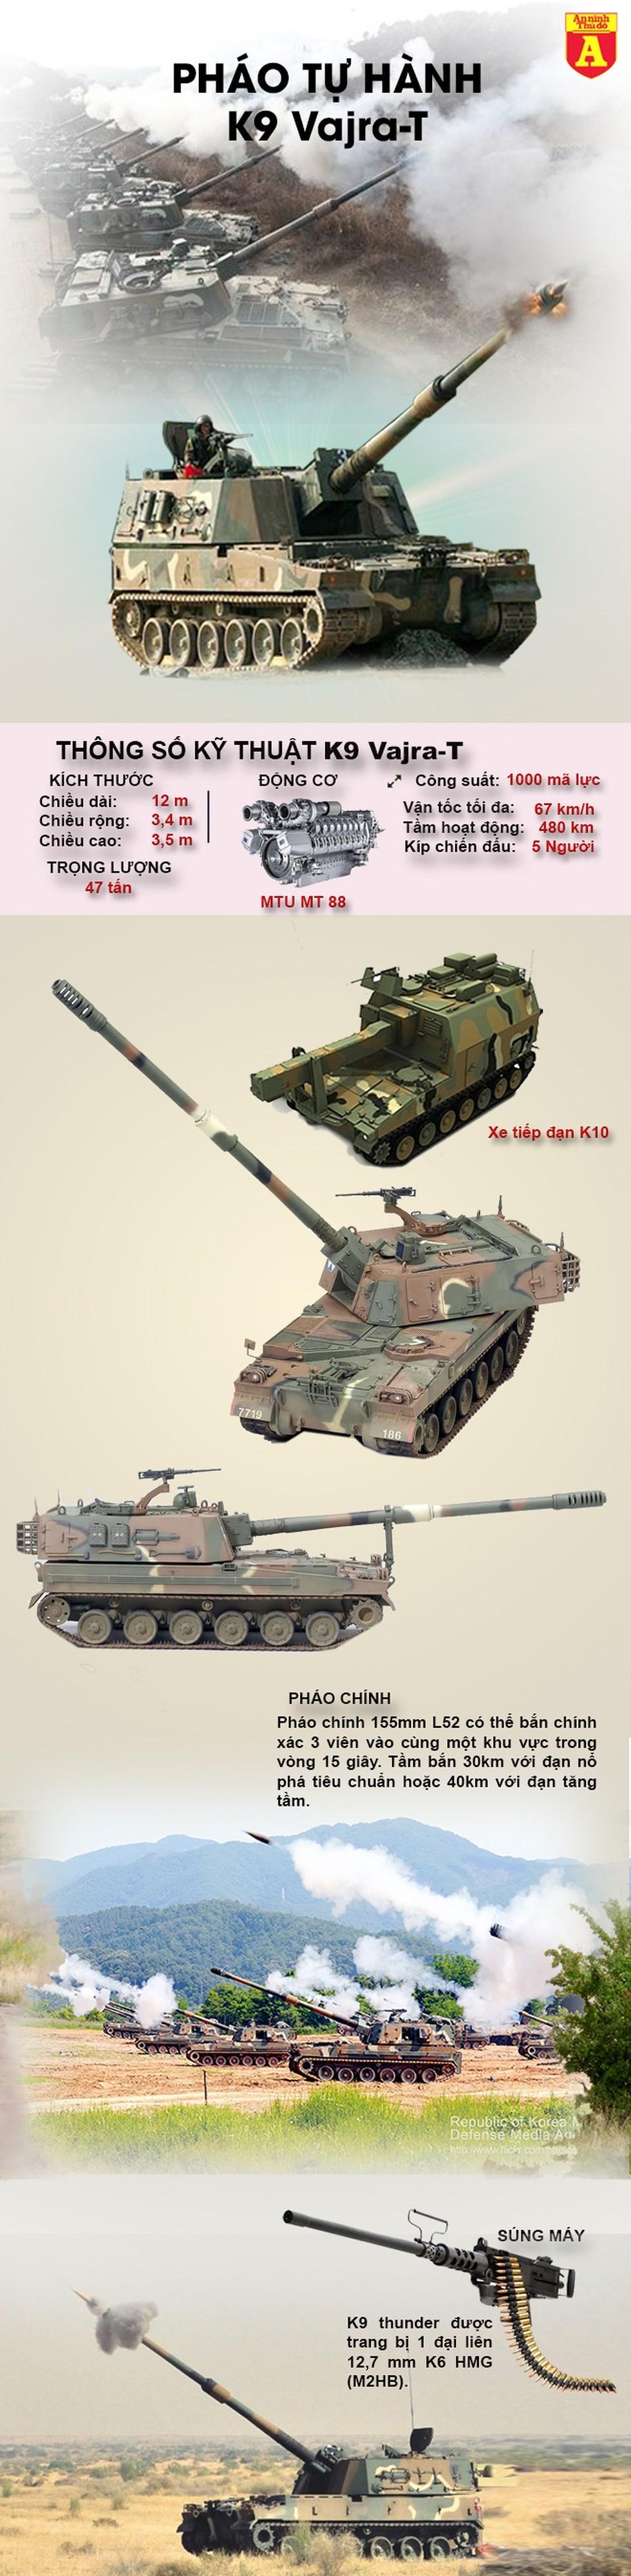 [Info] Soi pháo tự hành hiện đại tốp đầu thế giới Ấn Đổ có thể sử dụng để đấu lại Pakistan ảnh 2